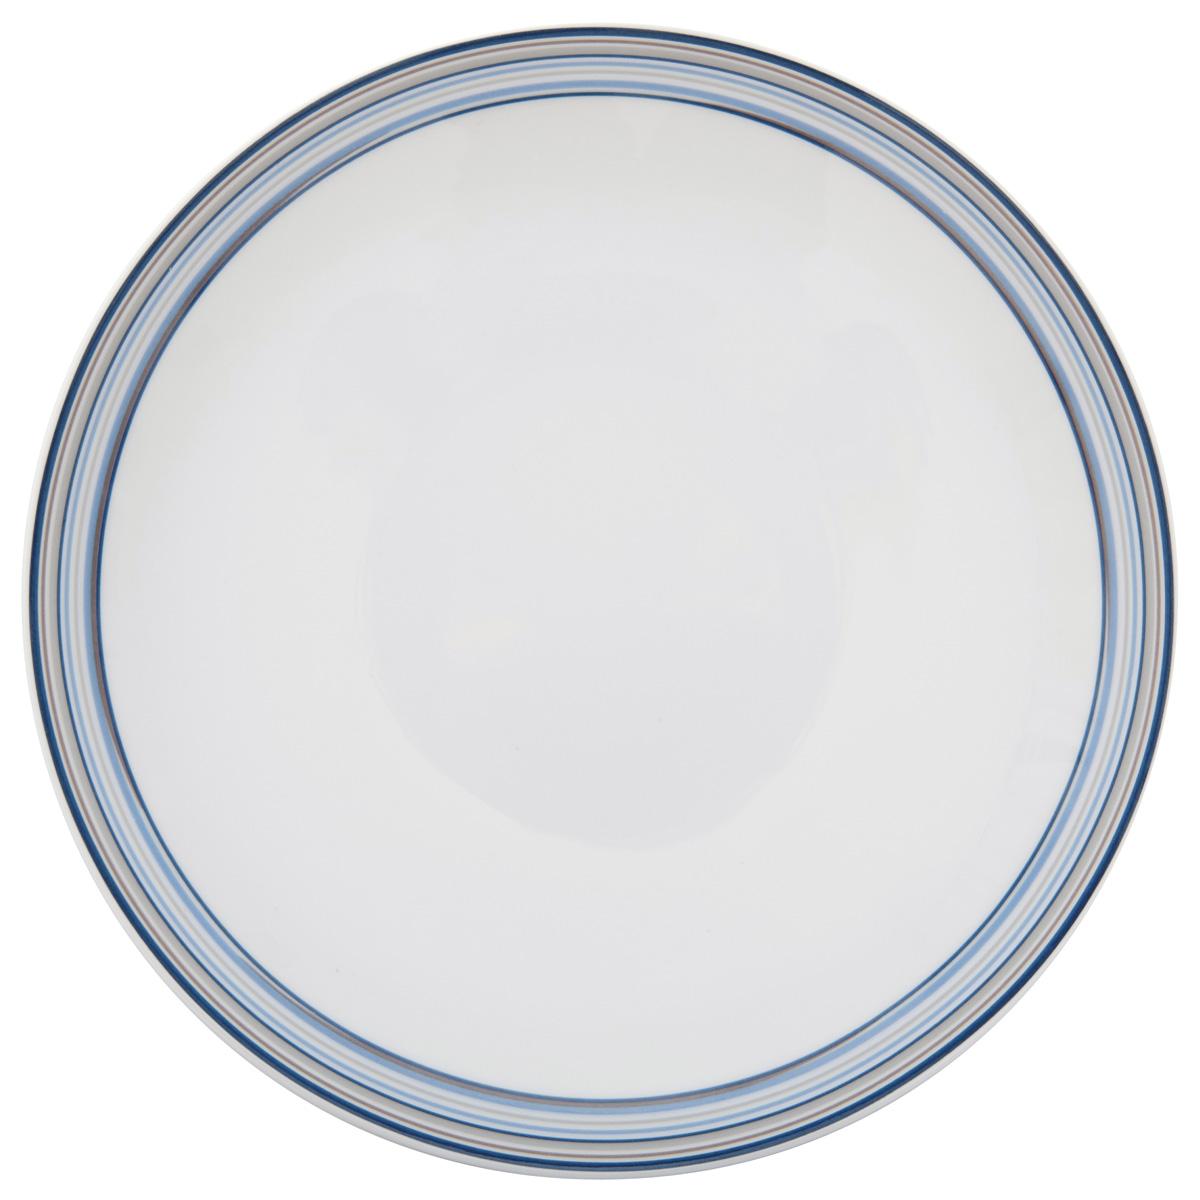 hulahoop bleu bol a dejeuner 14 cm lin les bols soupe les coquetiers la table parisienne. Black Bedroom Furniture Sets. Home Design Ideas